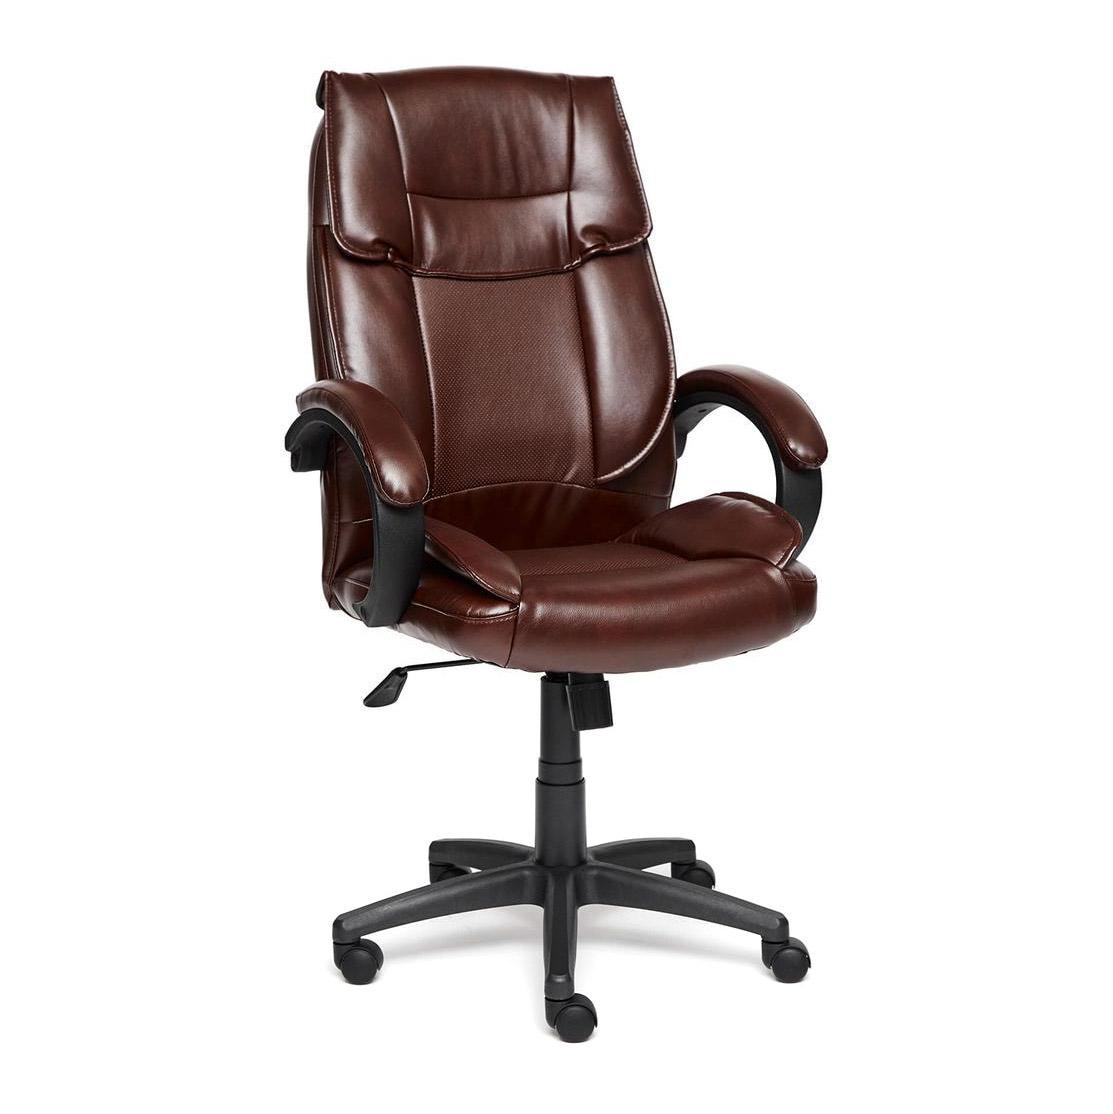 Кресло компьютерное TC коричневый 129х66х53 см мебель для домашнего кабинета